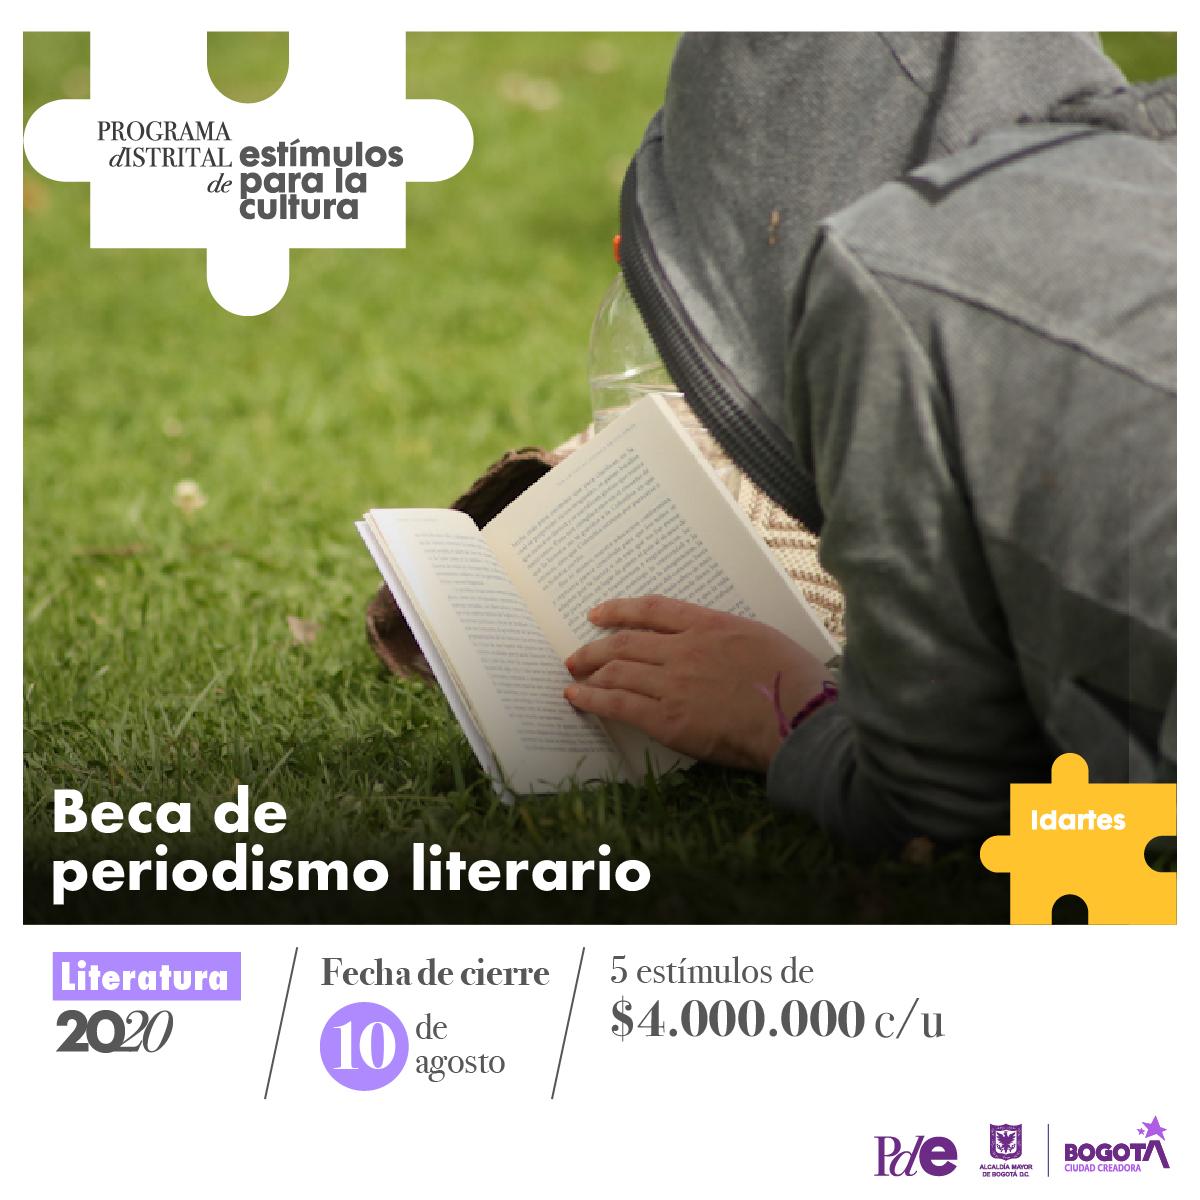 El #PDE2020 reconoce el trabajo de los periodistas culturales que se enfocan en al área de literatura ✍🏼  Participa en la Beca de periodismo literario. 📍 Fecha de cierre: Lunes 10 de agosto ⏰ #BogotáCiudadCreadora  + Info >> https://t.co/dmOSxAfJGk https://t.co/GwZAKqEUaB